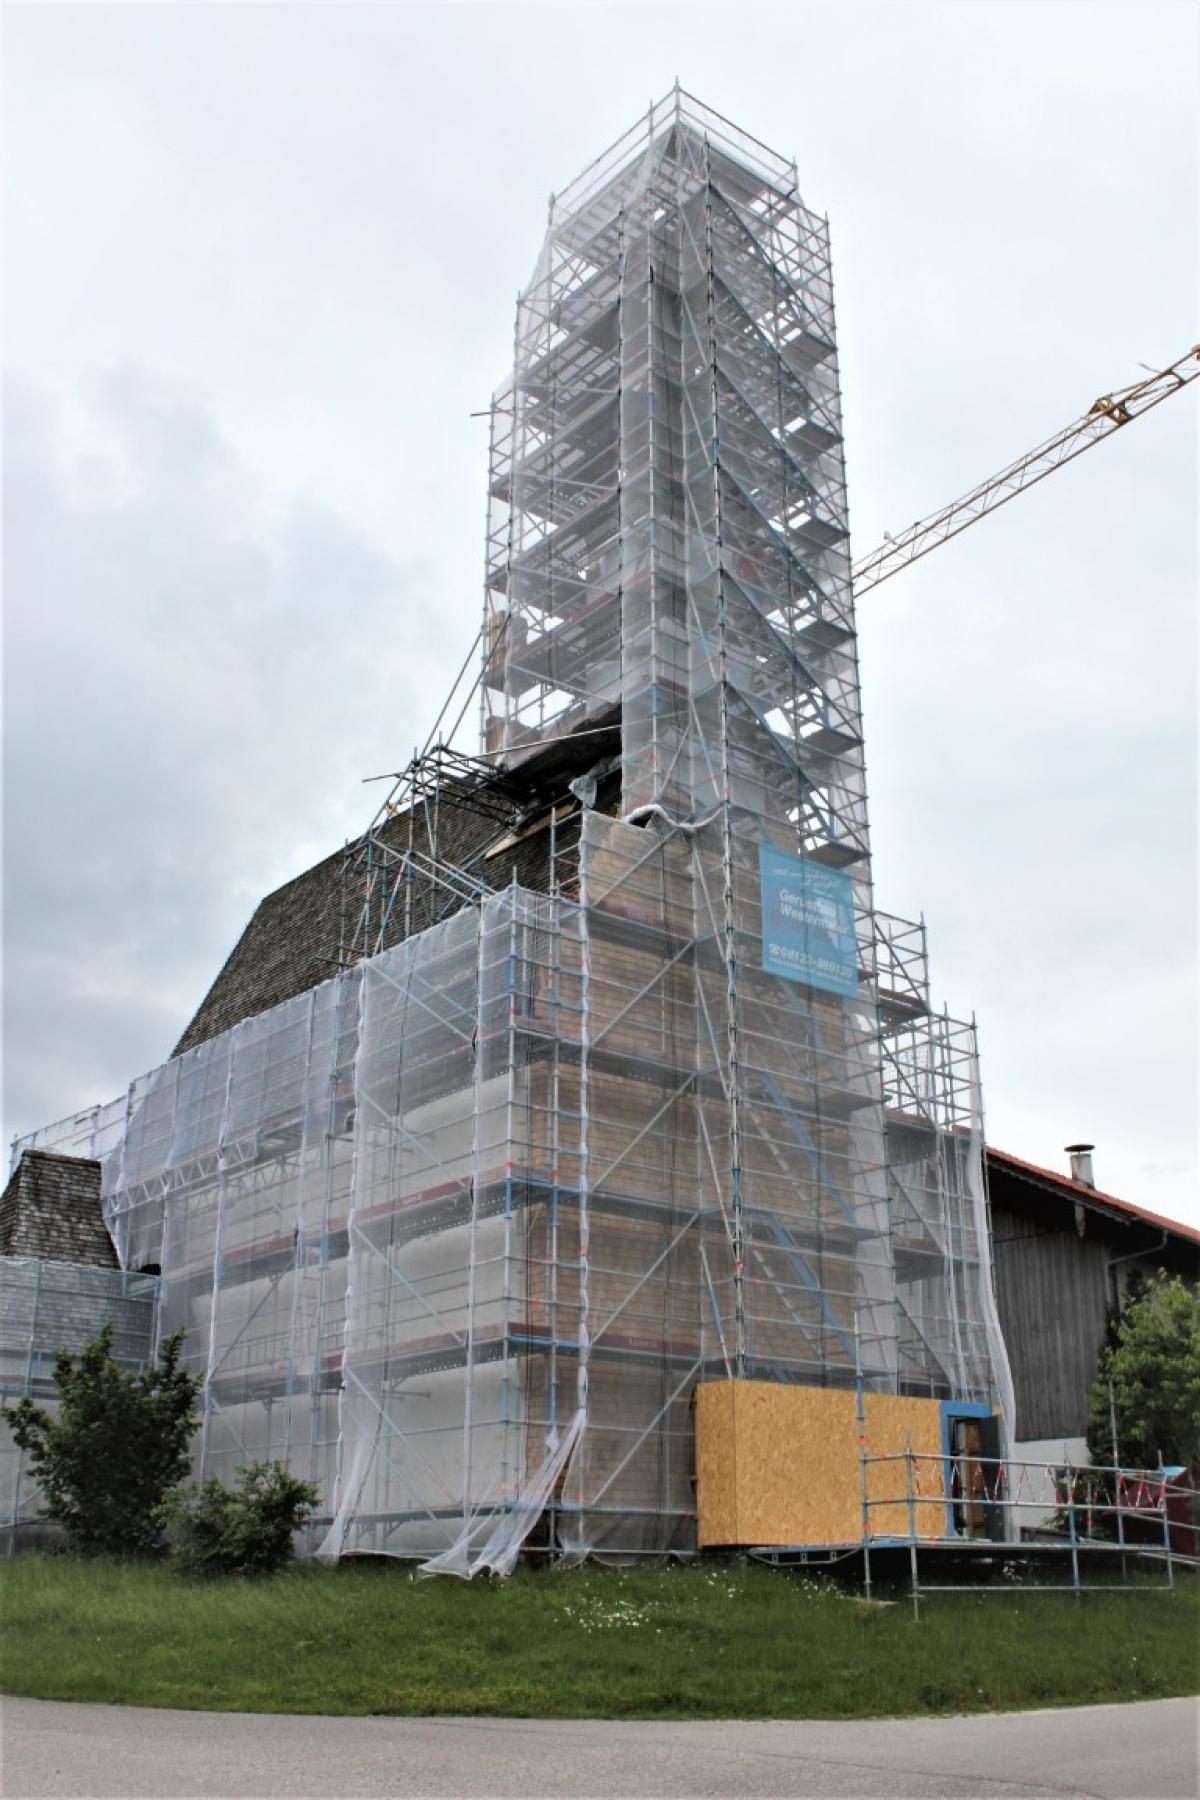 An der Turmseite der Kirchhallinger Kirche sind bereits neue Holzschindel angebracht worden, was durch das am Gerüst angebrachte Netz nur schemenhaft zu sehen ist.